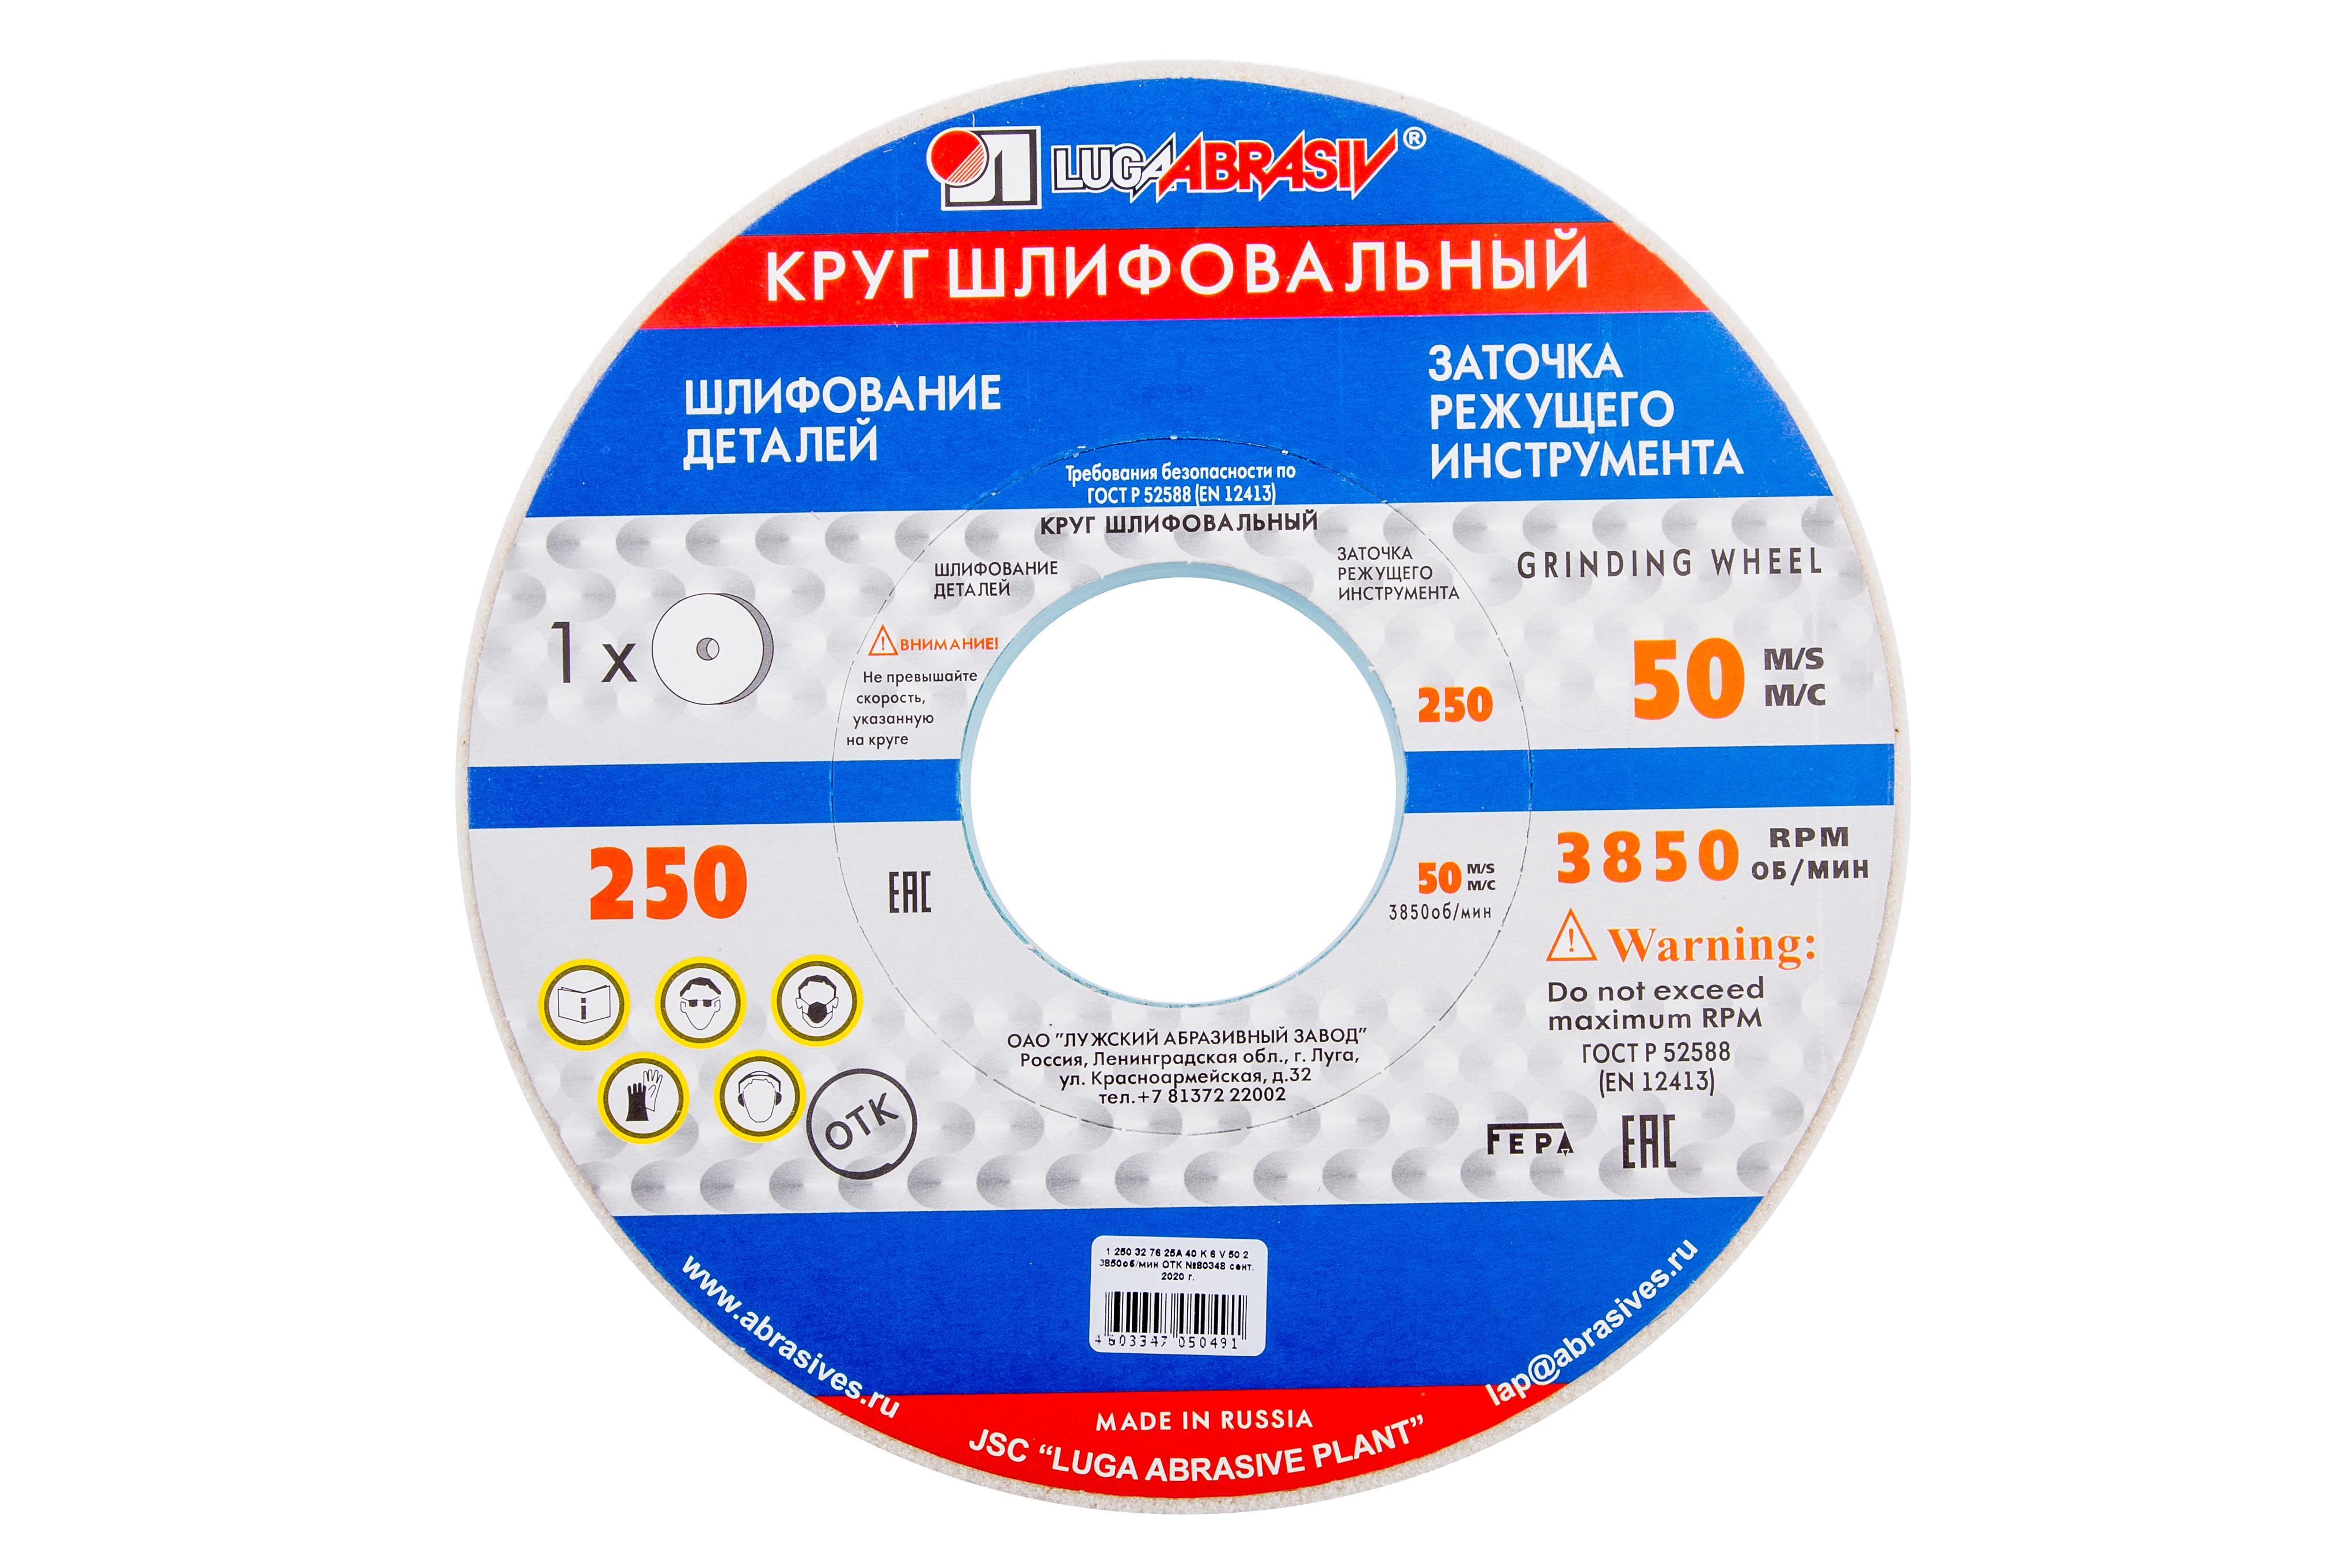 Круг шлифовальный ЛУГА-АБРАЗИВ 1 250 Х 32 Х 76 25А 40 kl